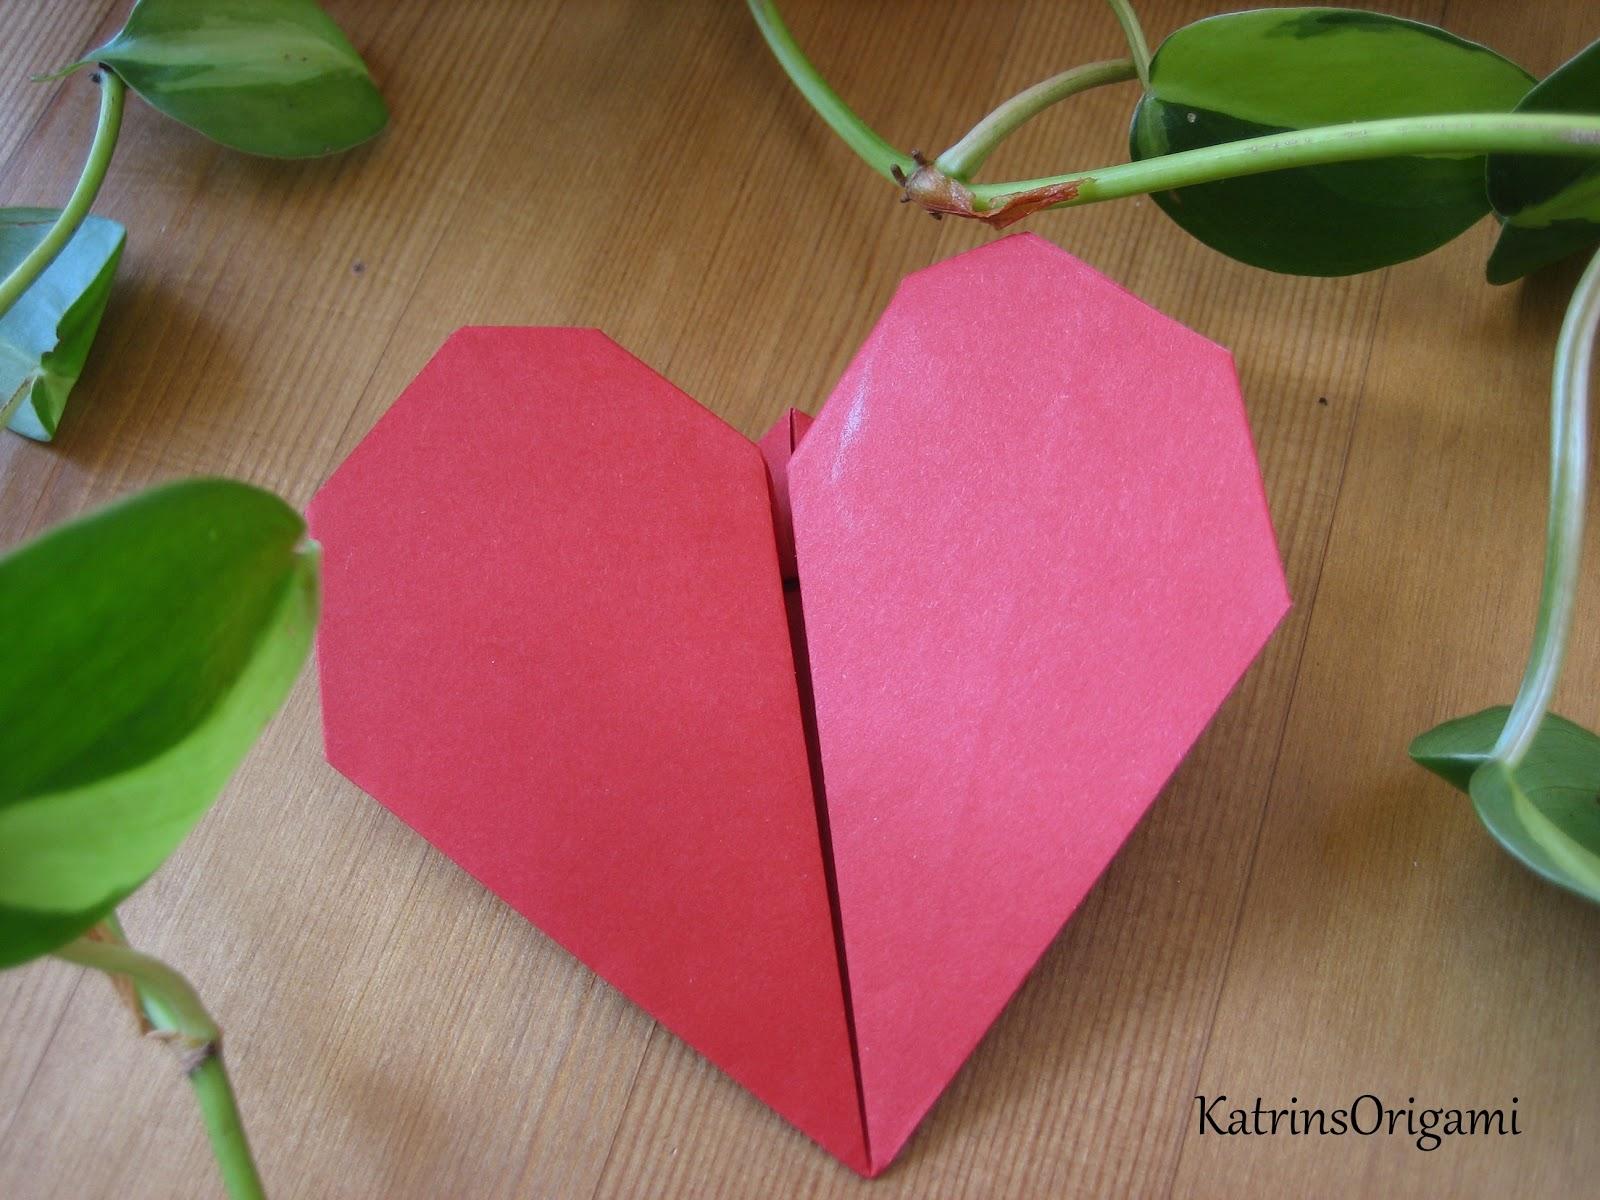 origami die kunst des papierfaltens das schlagende herz. Black Bedroom Furniture Sets. Home Design Ideas